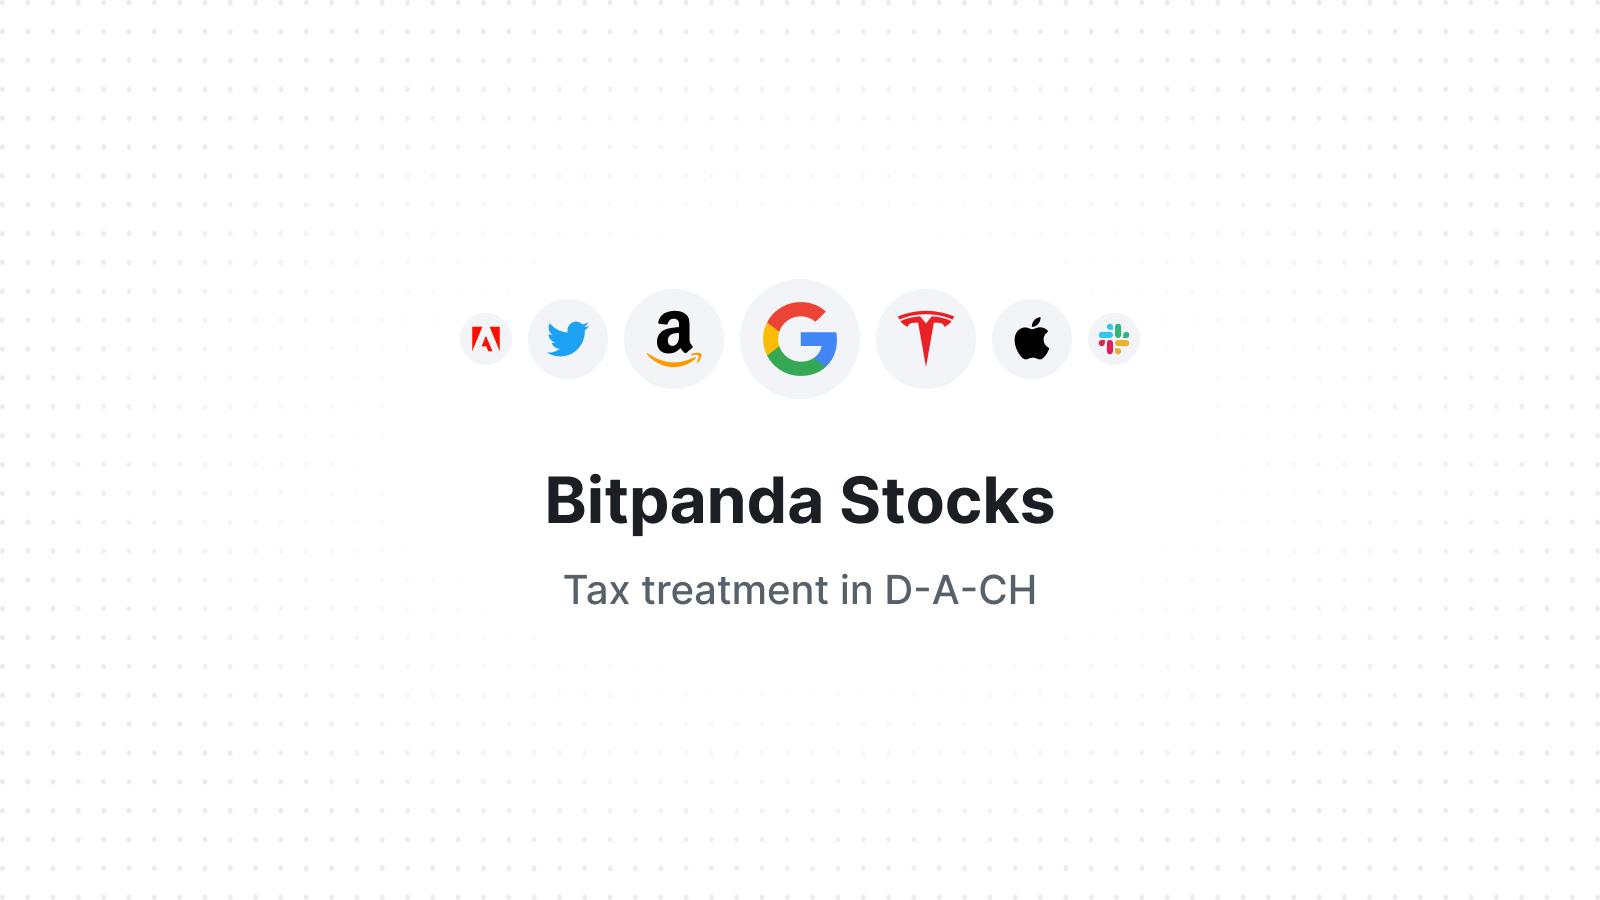 Tax treatment of Bitpanda Stocks